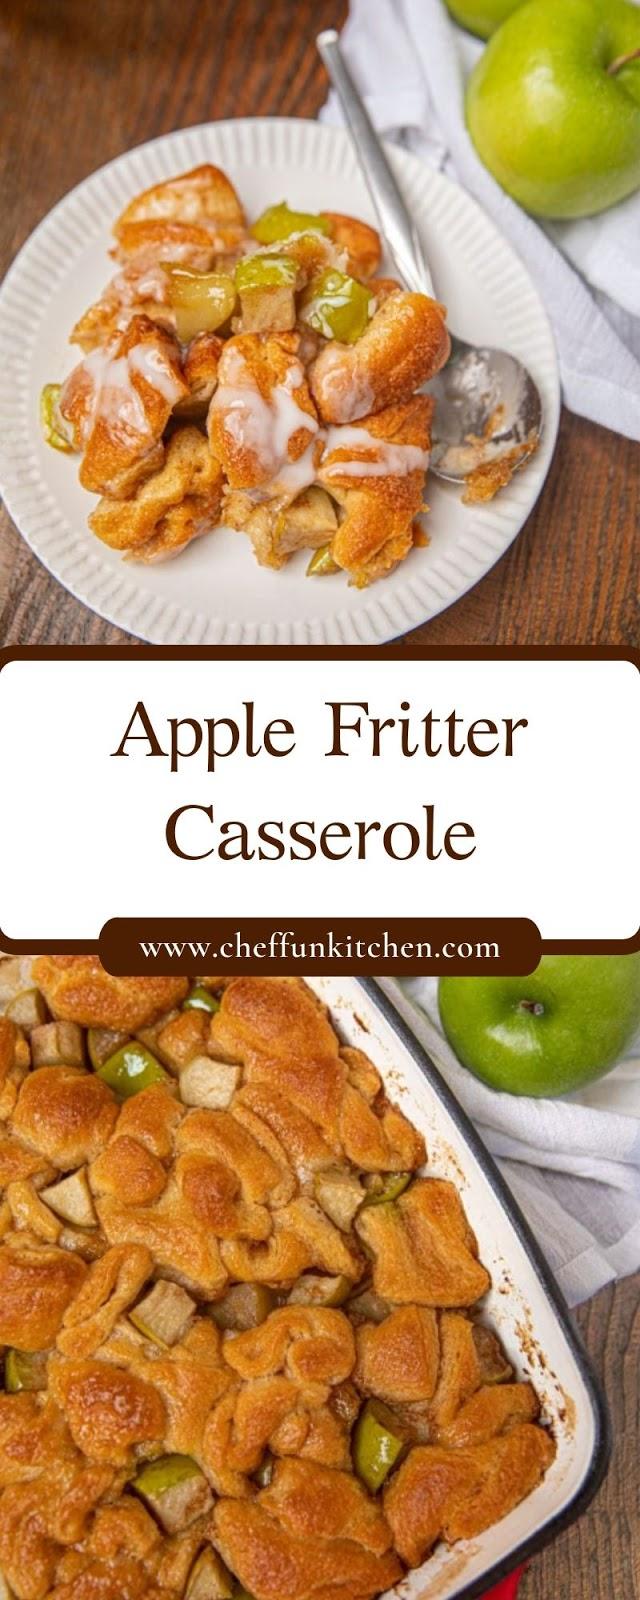 Apple Fritter Casserole